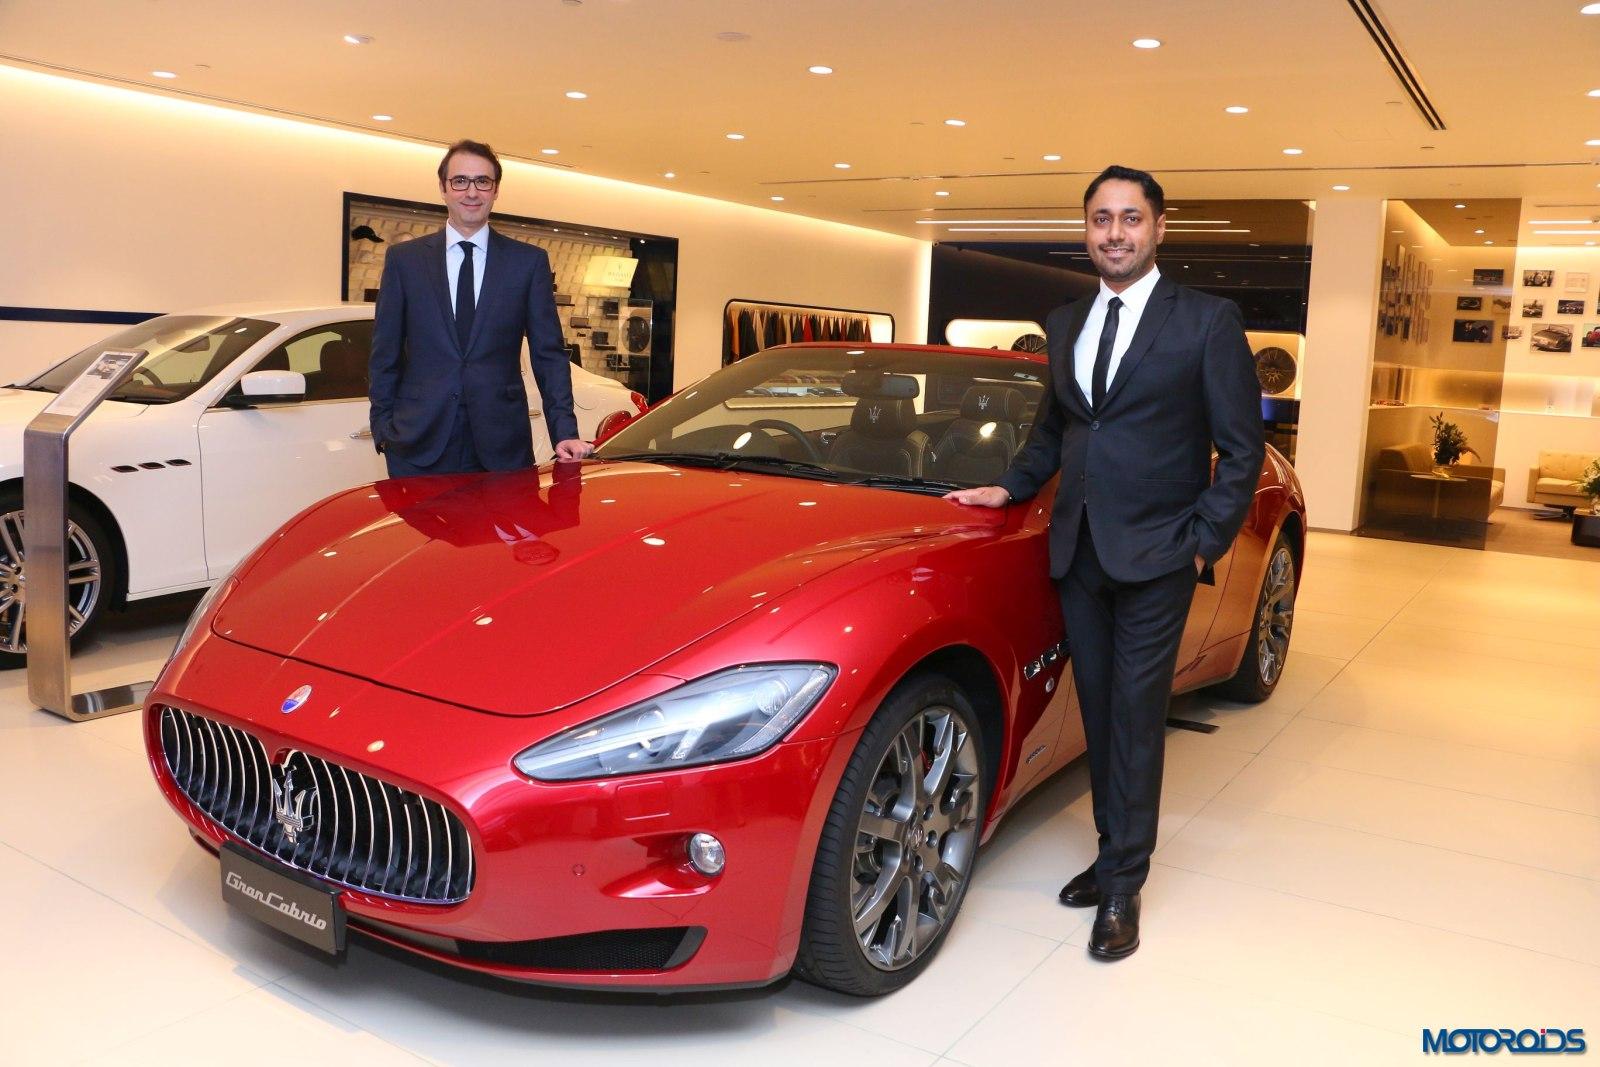 Petal Maserati dealership Mumbai (1)